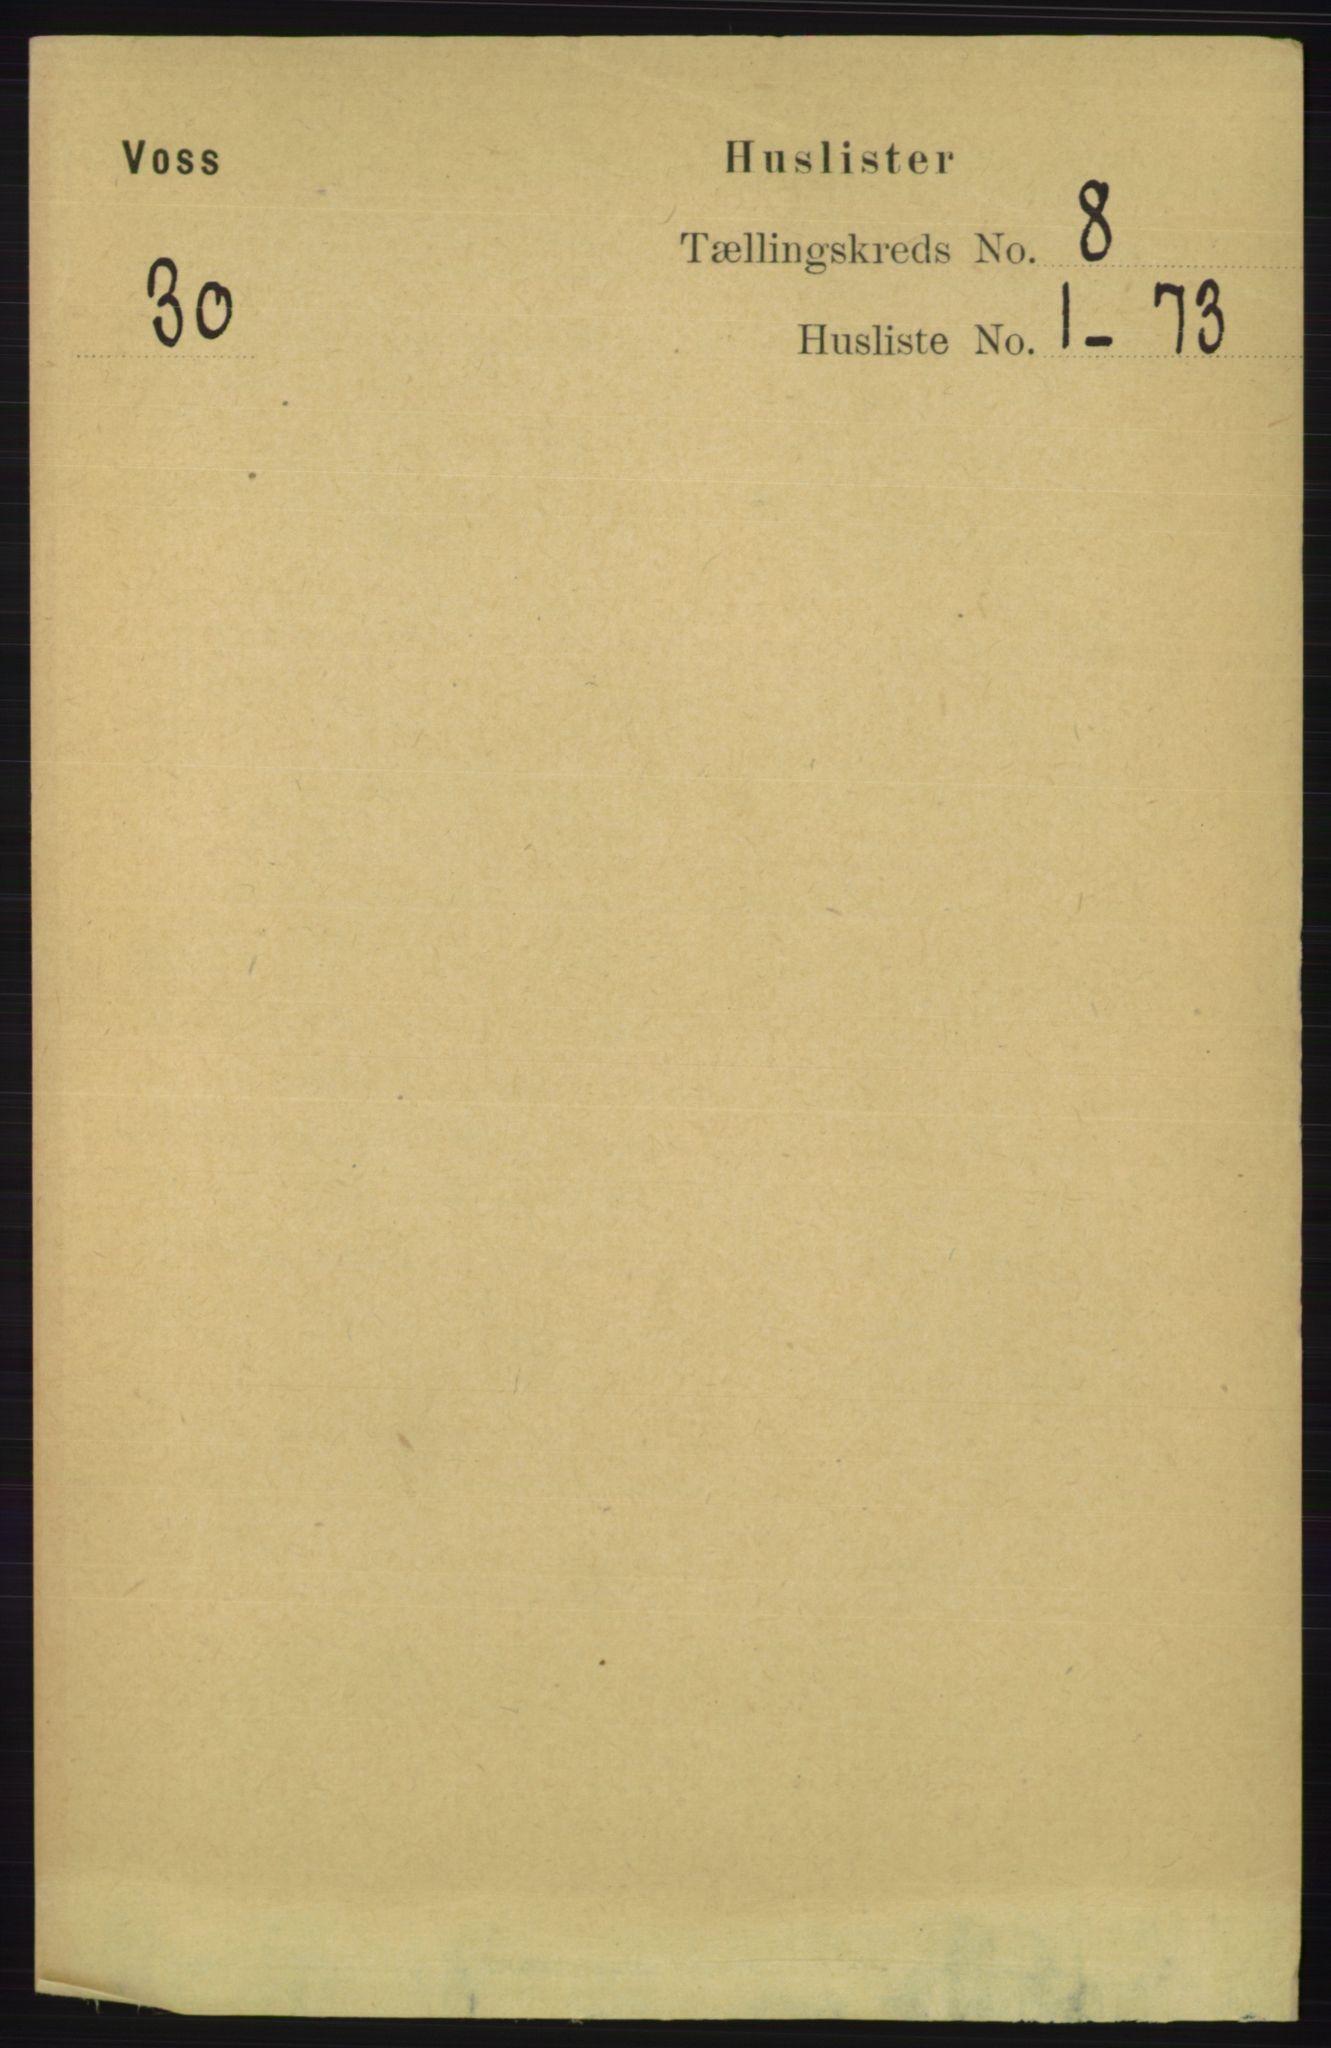 RA, Folketelling 1891 for 1235 Voss herred, 1891, s. 4150